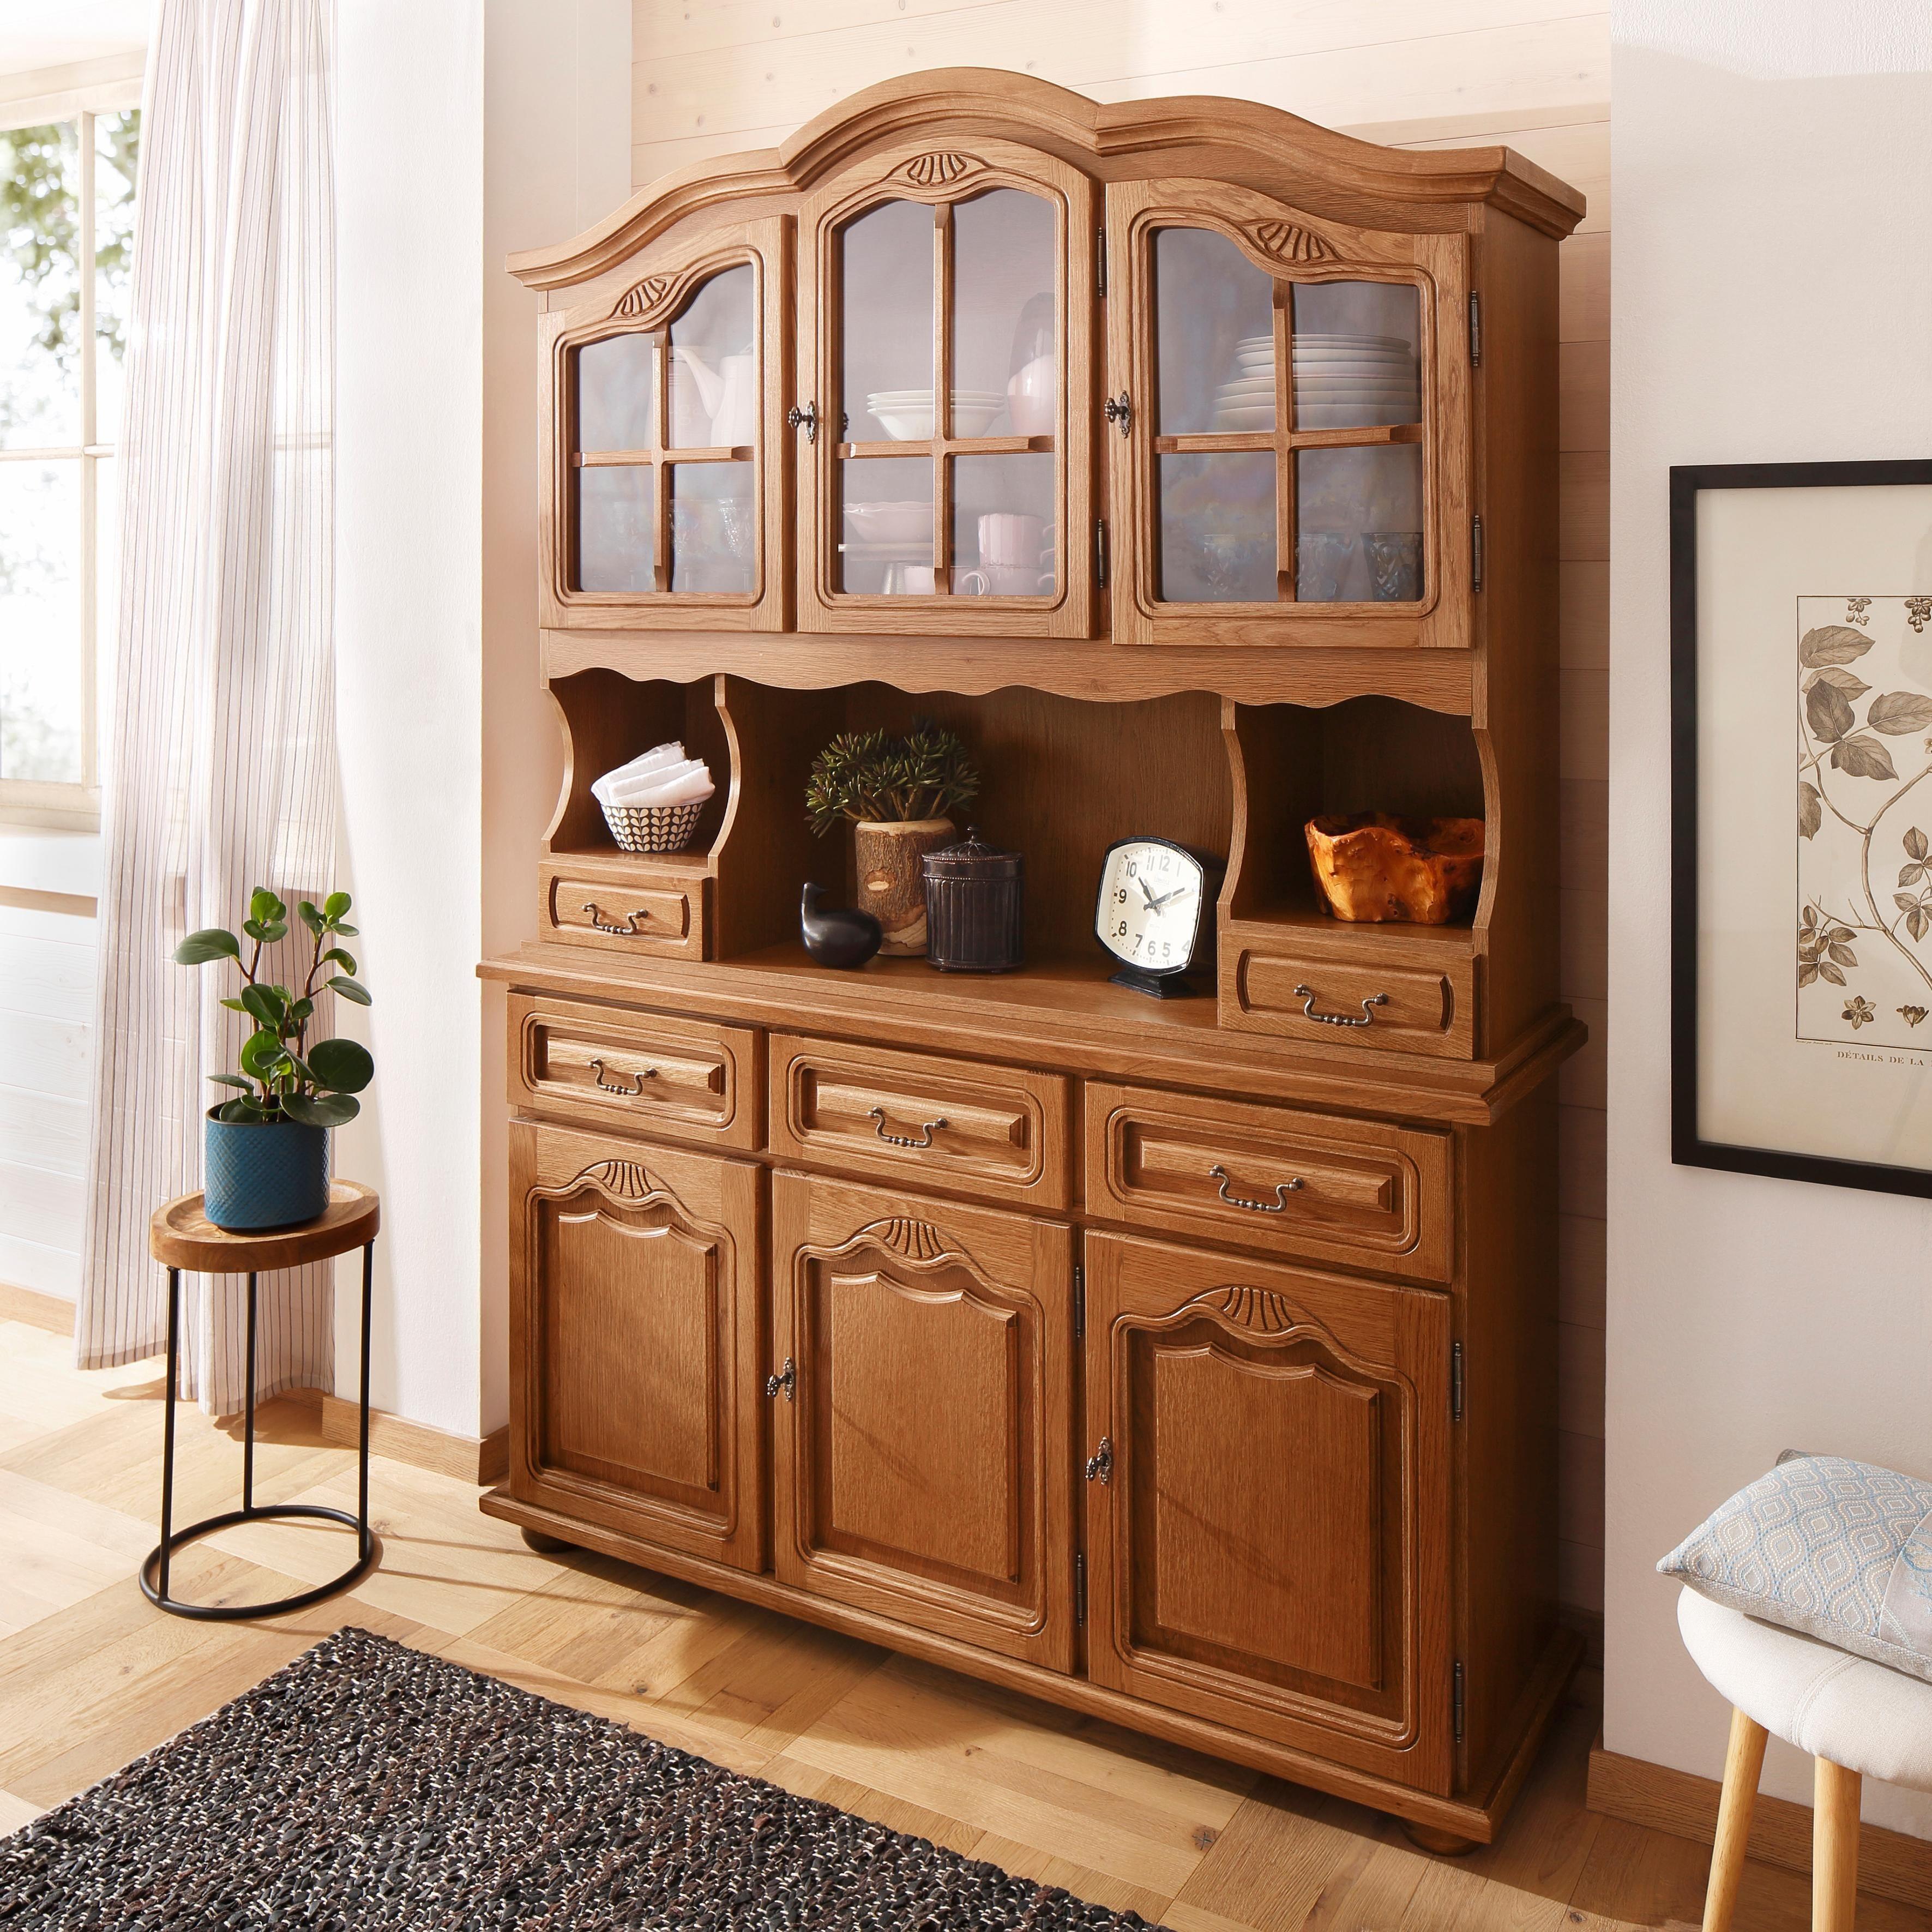 Landhausstil Küche Preise. Afrikanische Küche Rezepte Holzblock Ikea ...